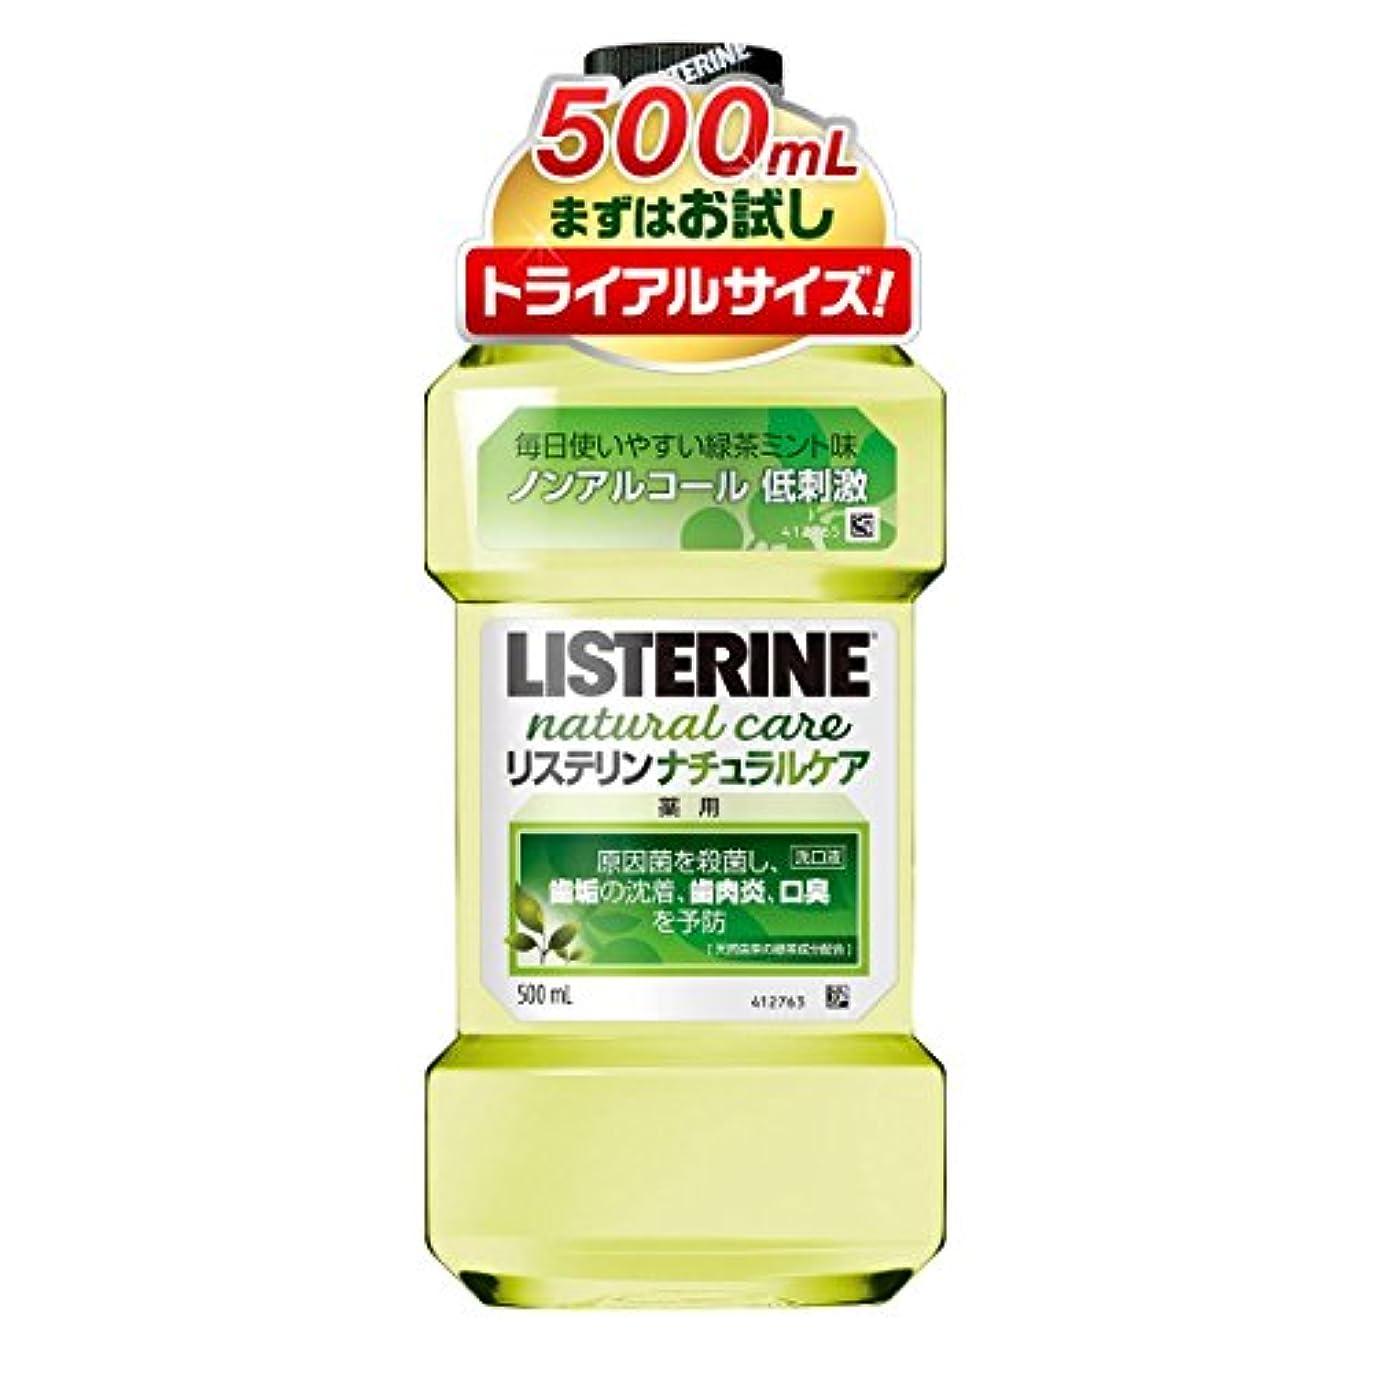 一口クマノミ昆虫[医薬部外品] 薬用 リステリン マウスウォッシュ ナチュラルケア 500mL ノンアルコールタイプ